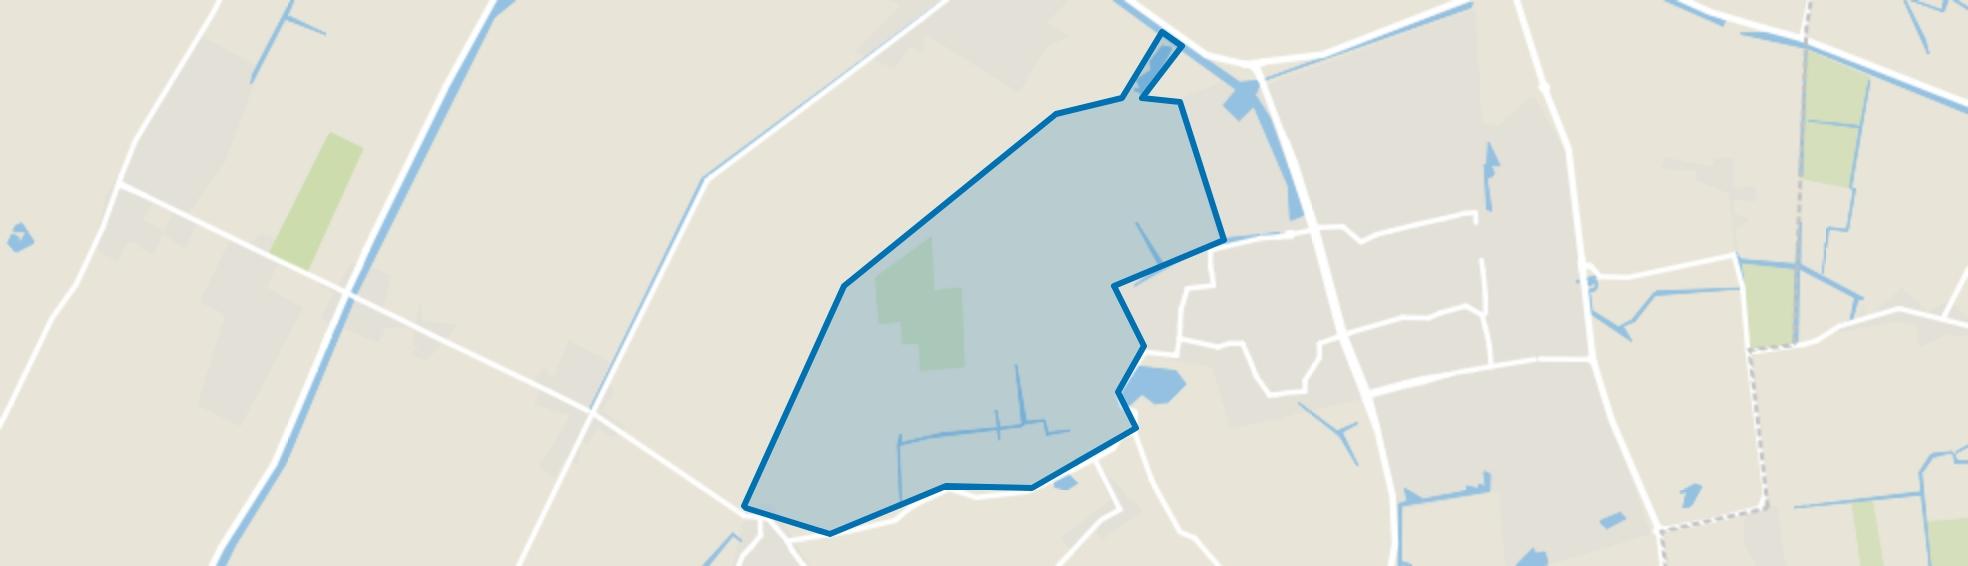 Burghorn en Buitengebied, Schagen map